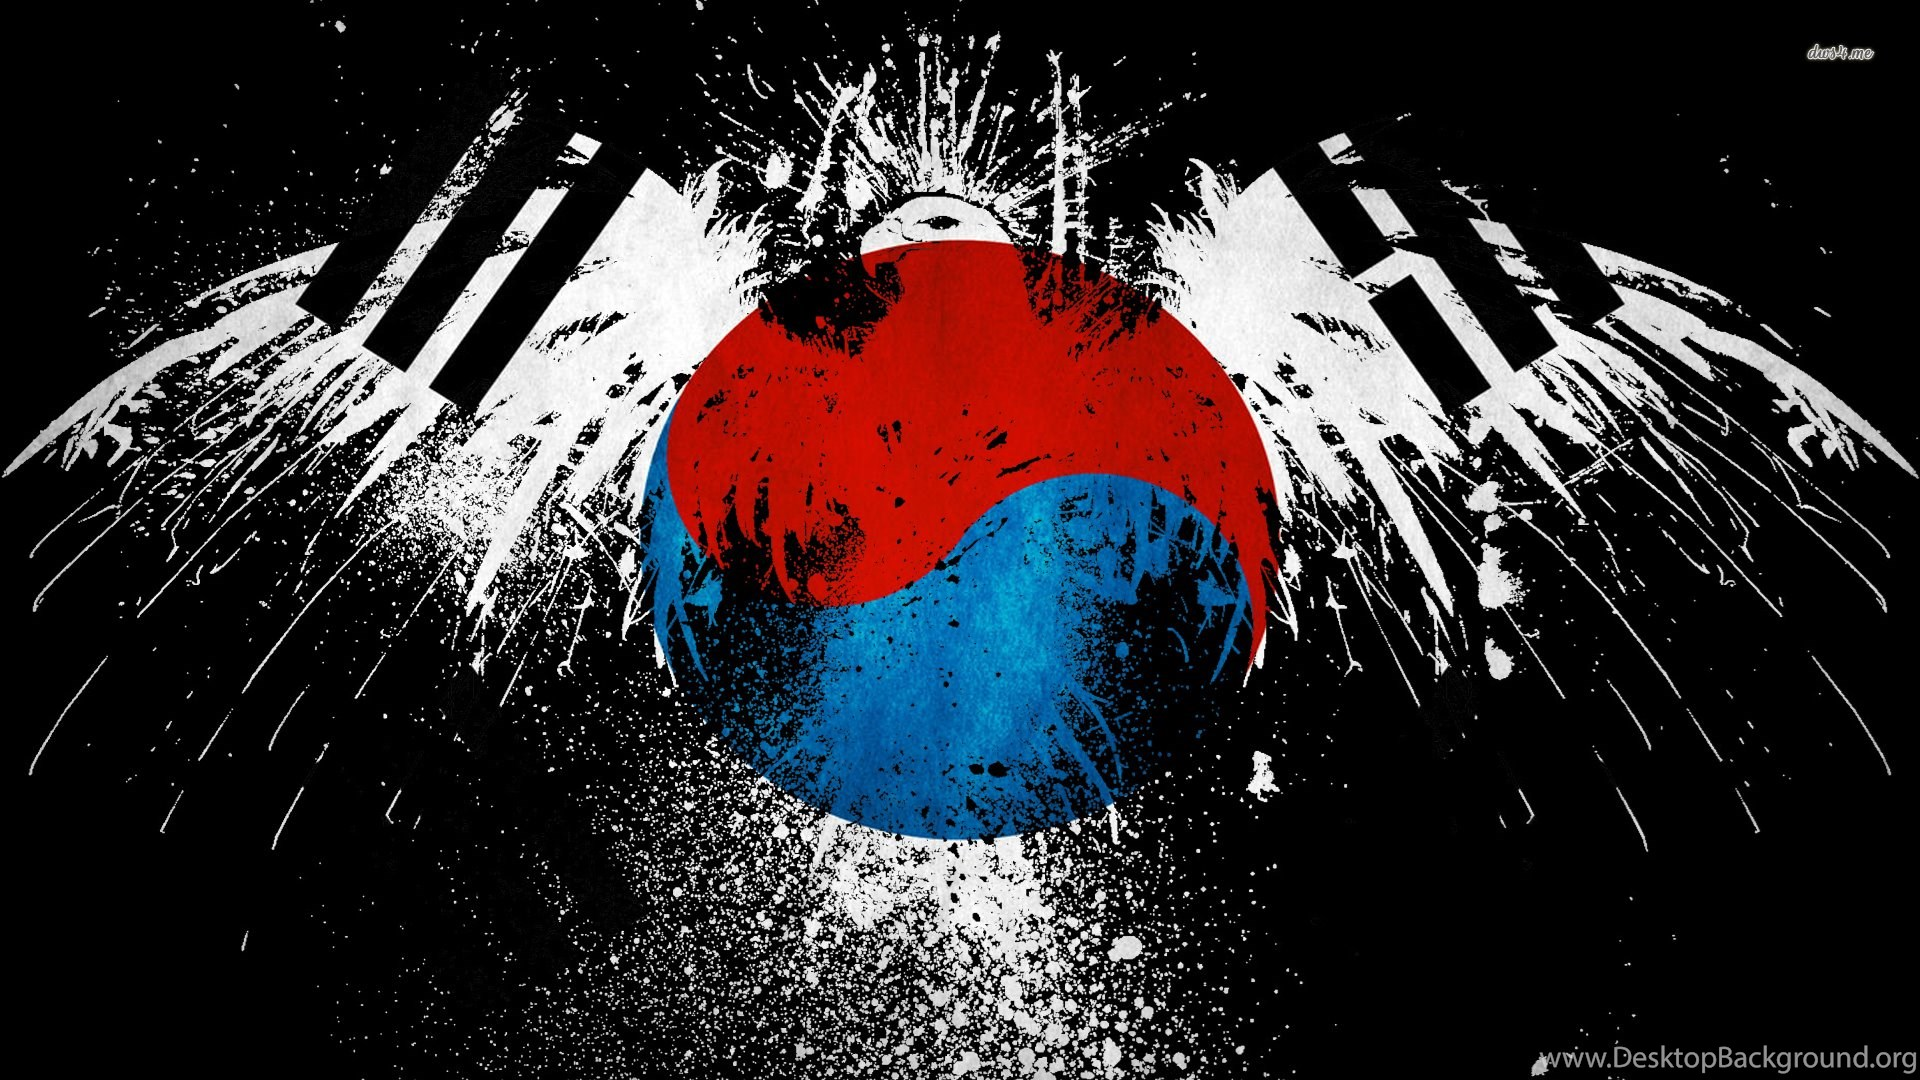 Korean Wallpapers Desktop Background